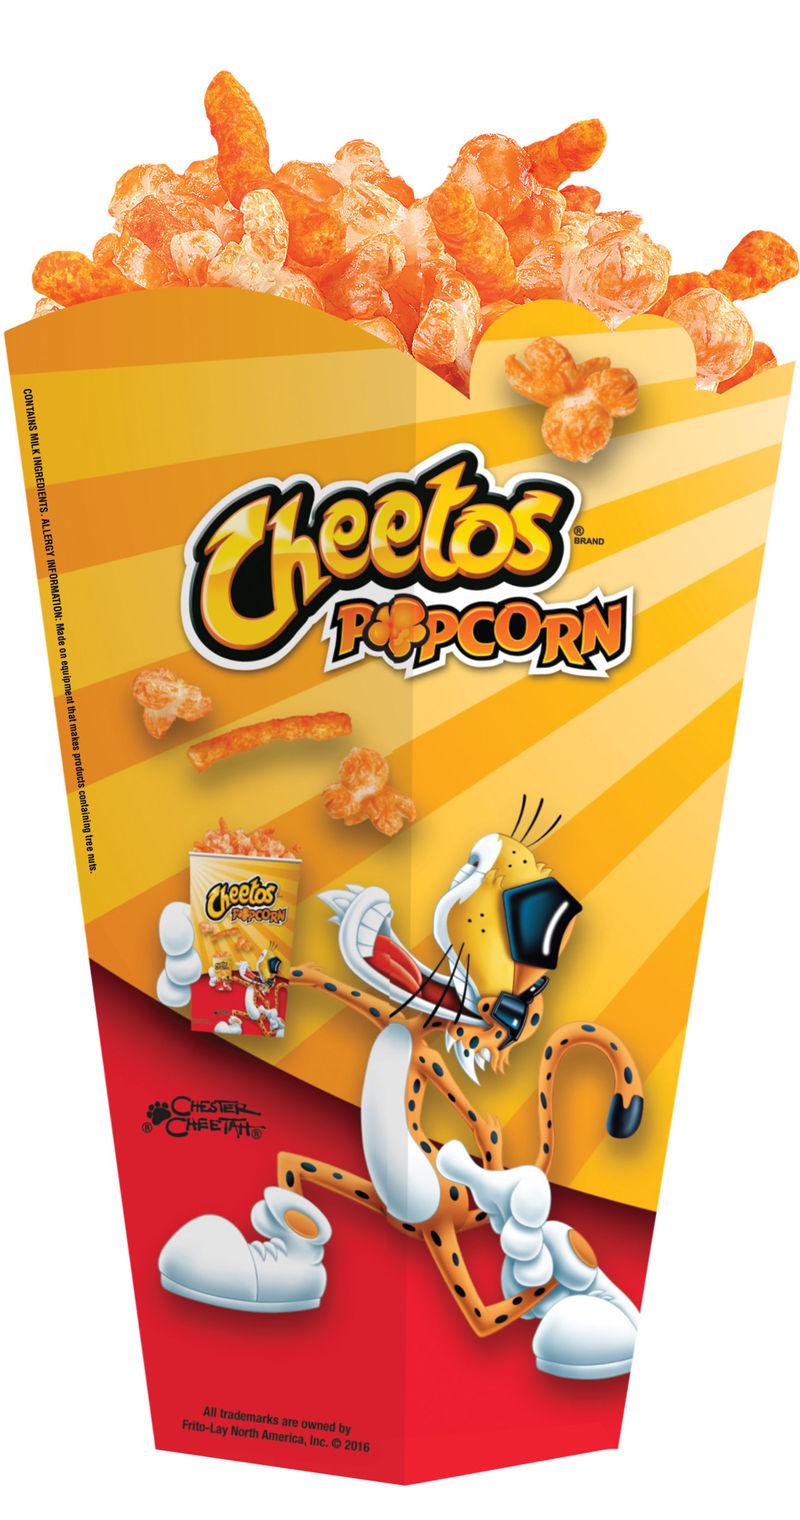 Ultra-Cheesy Popcorn Snacks